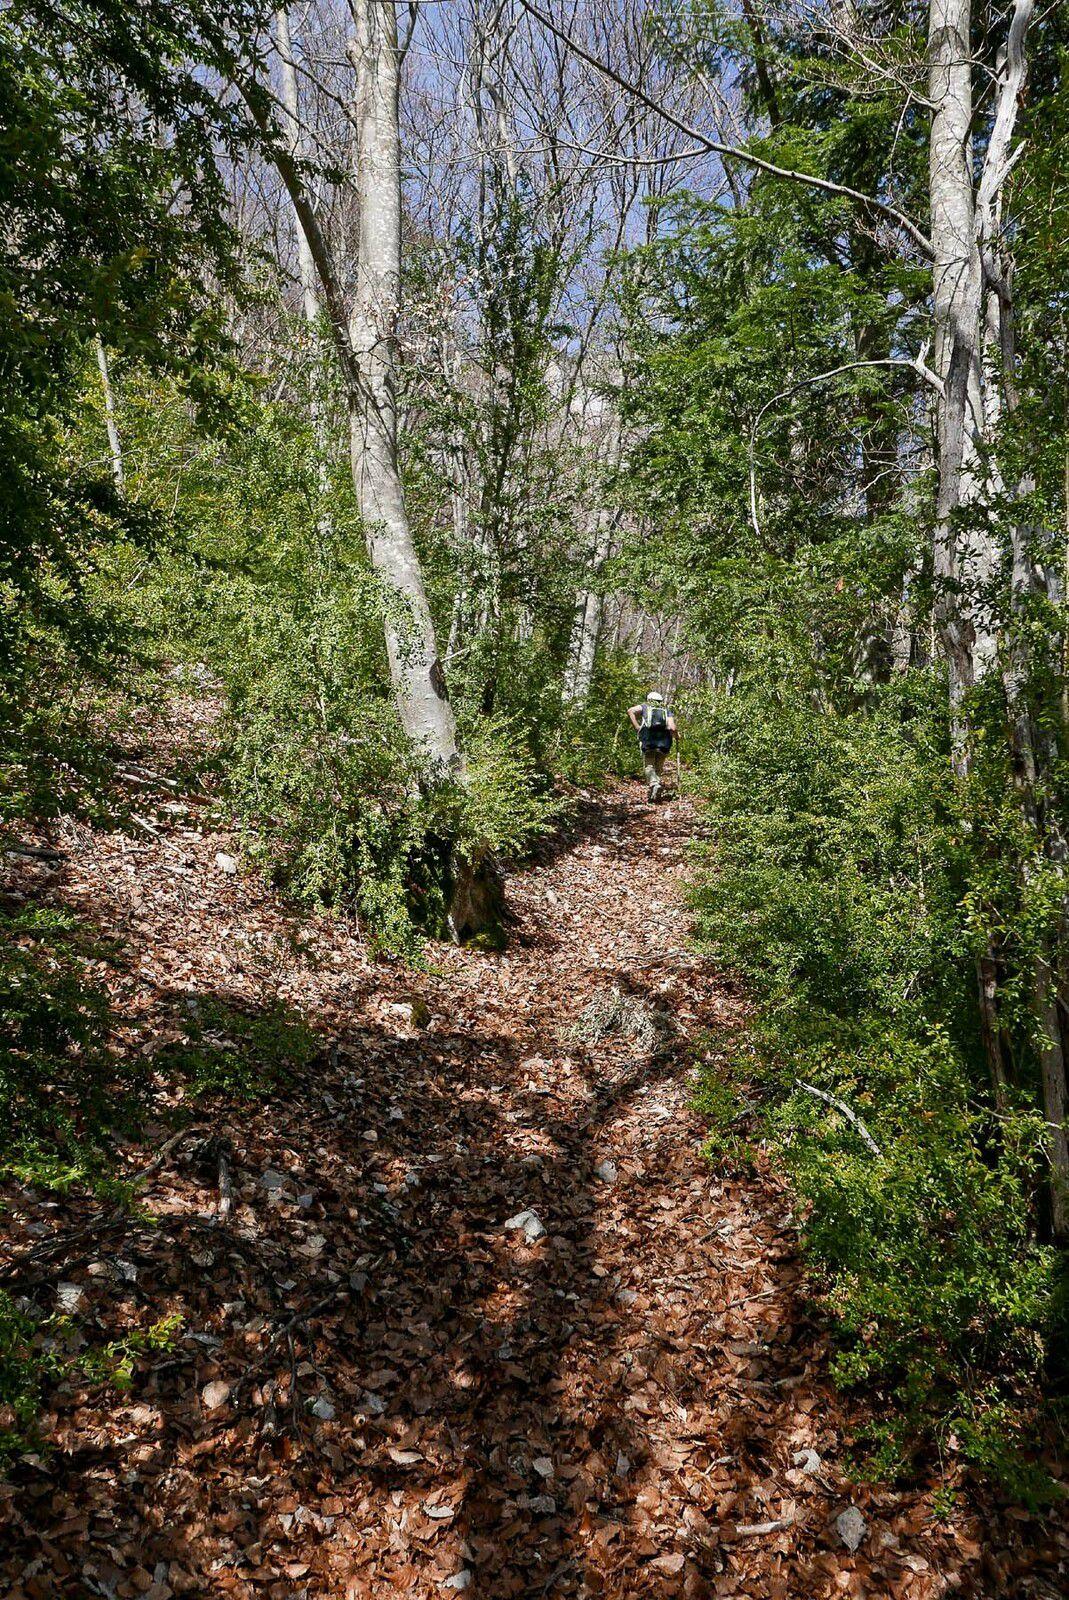 Départ du village d'Archiane, jusqu'à rejoindre la piste qu'il faut suivre vers le nord sur quelques centaines de mètres. Gagner un sentier assez marqué qui monte raide rapidement .